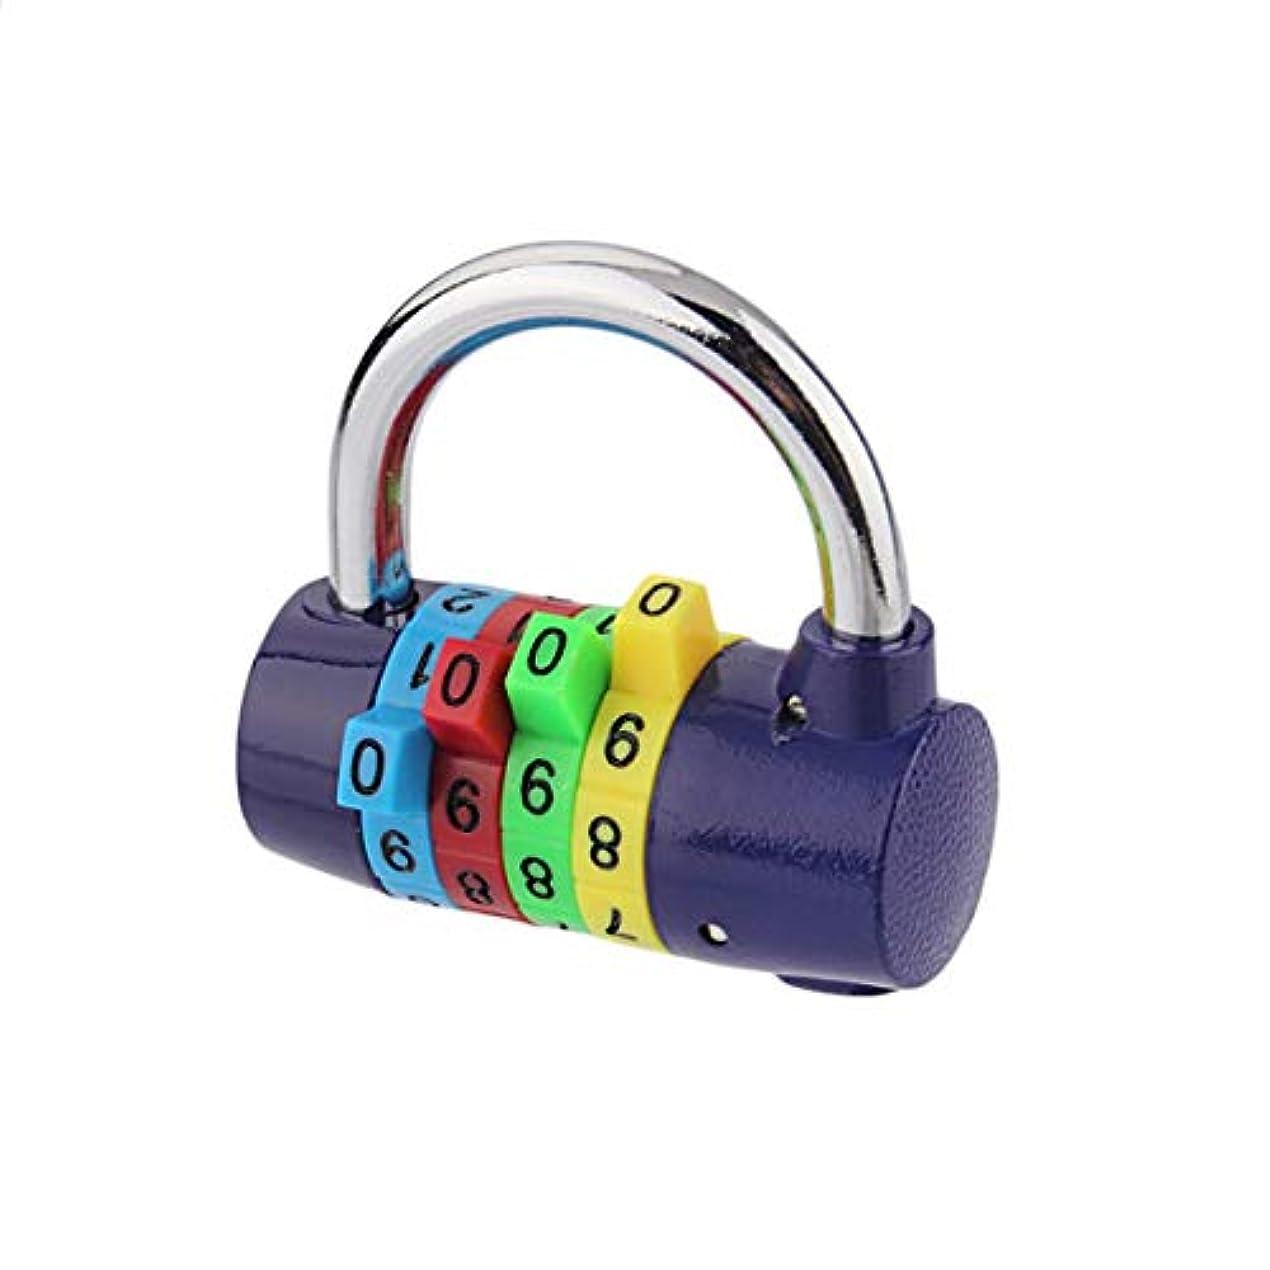 情緒的代わりの着替えるTivollyff カラー4南京錠ジムパスワードロック盗難防止ワードローブロック150 G多色